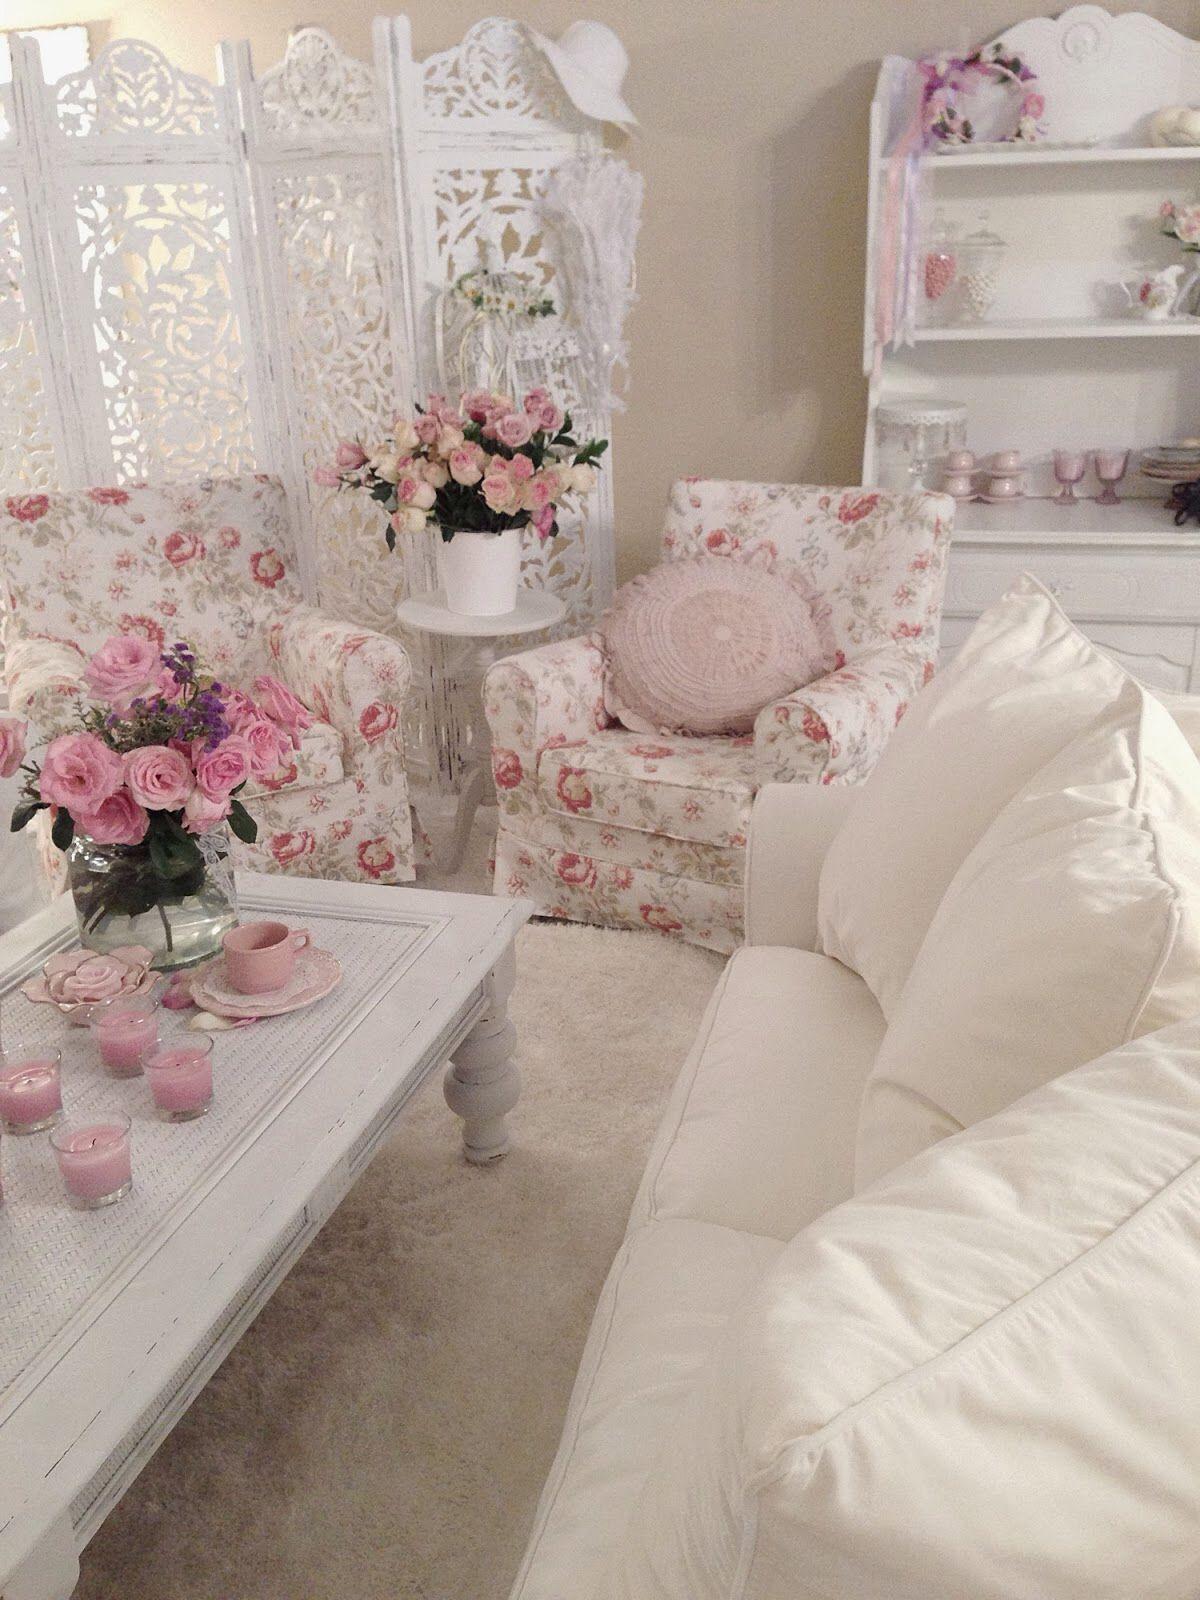 Estilo shabby chic  romanticismo y feminidad para tu hogar. Estilo shabby chic  romanticismo y feminidad para tu hogar